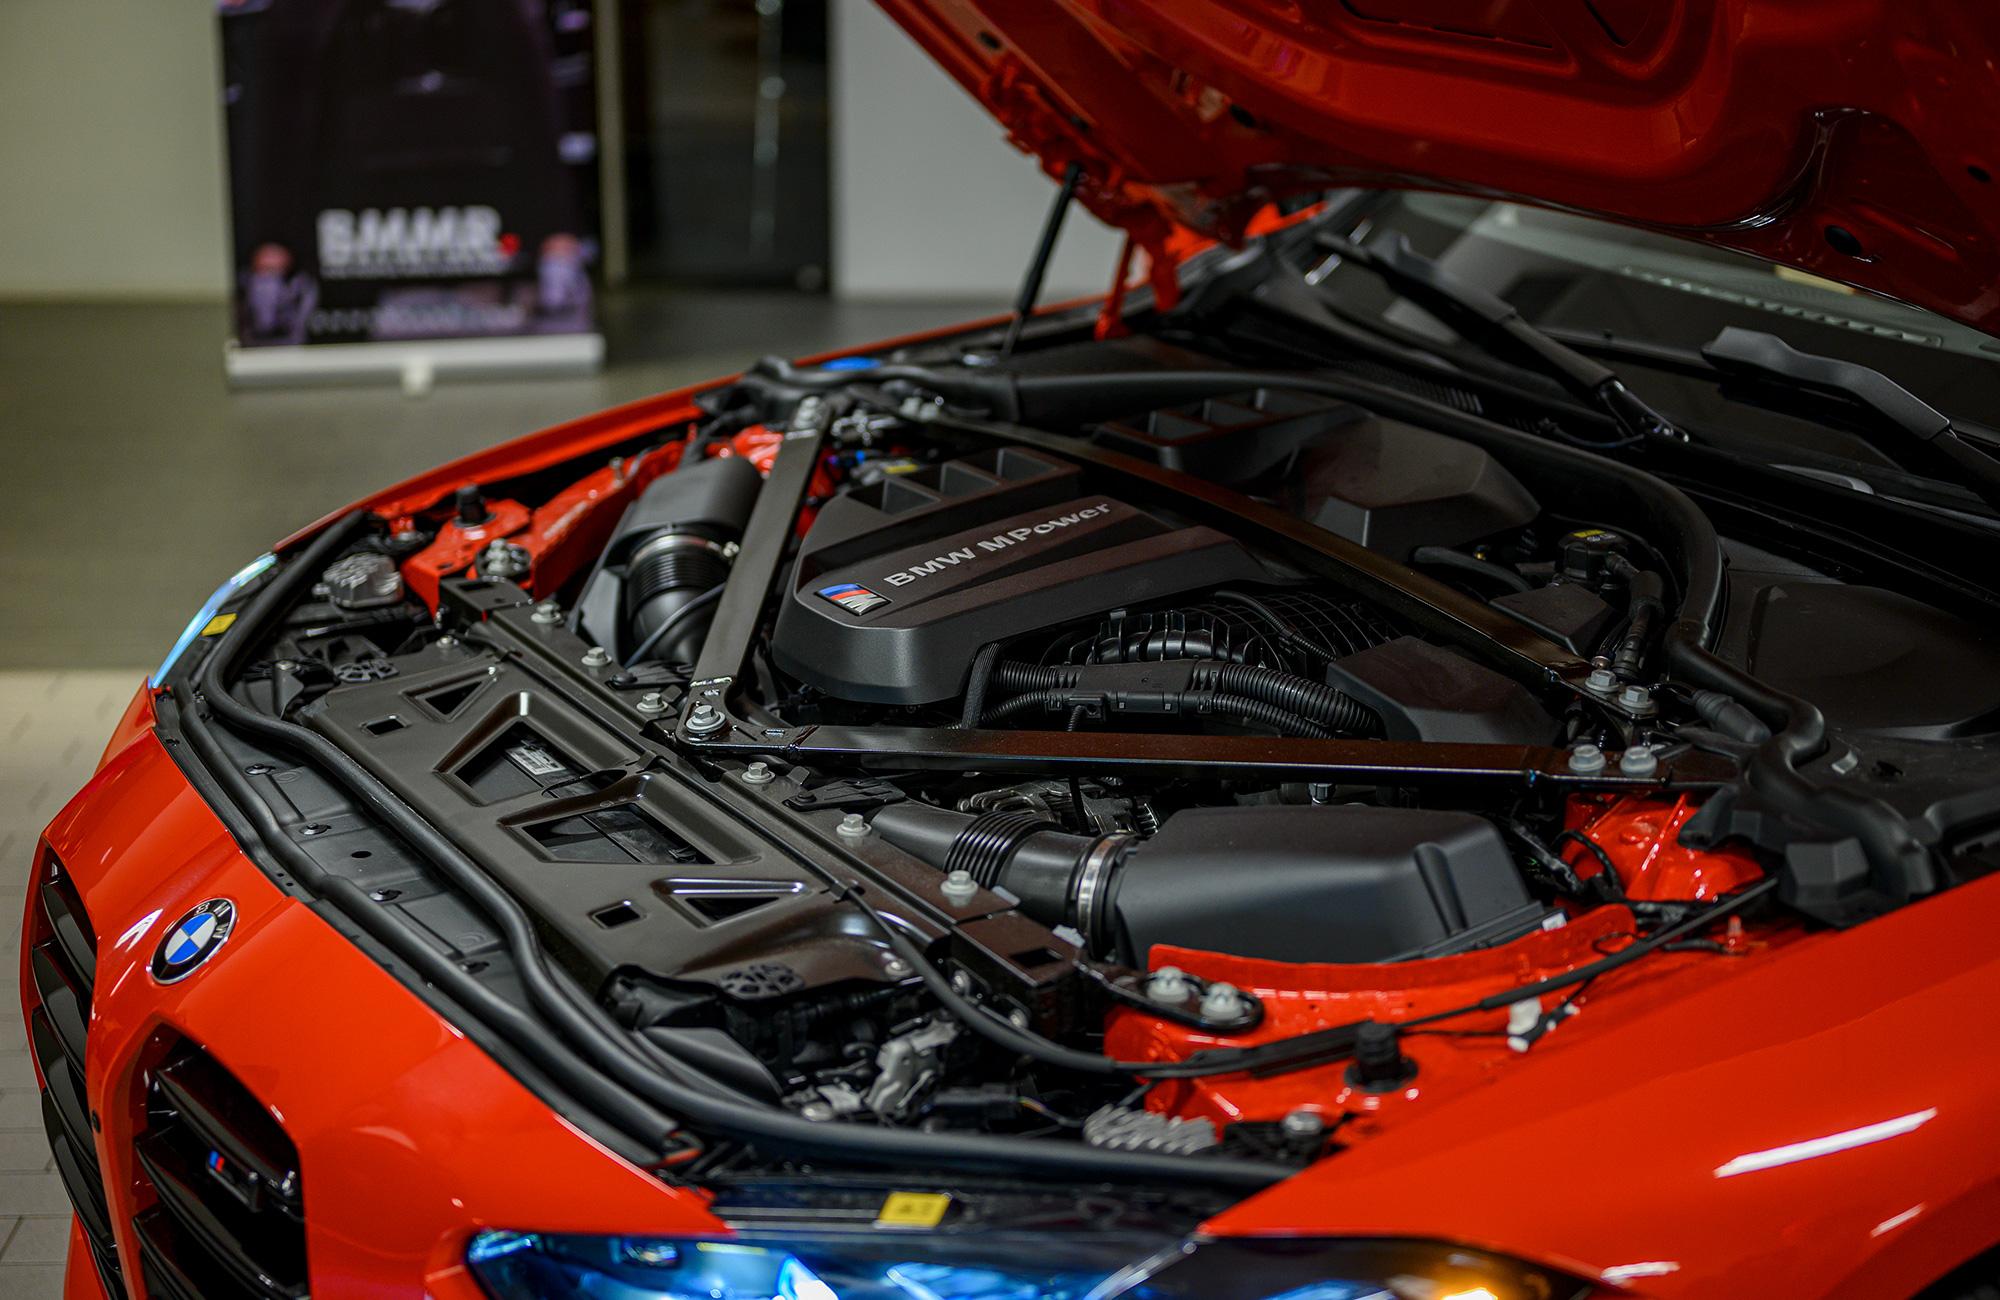 BMW S58 engine